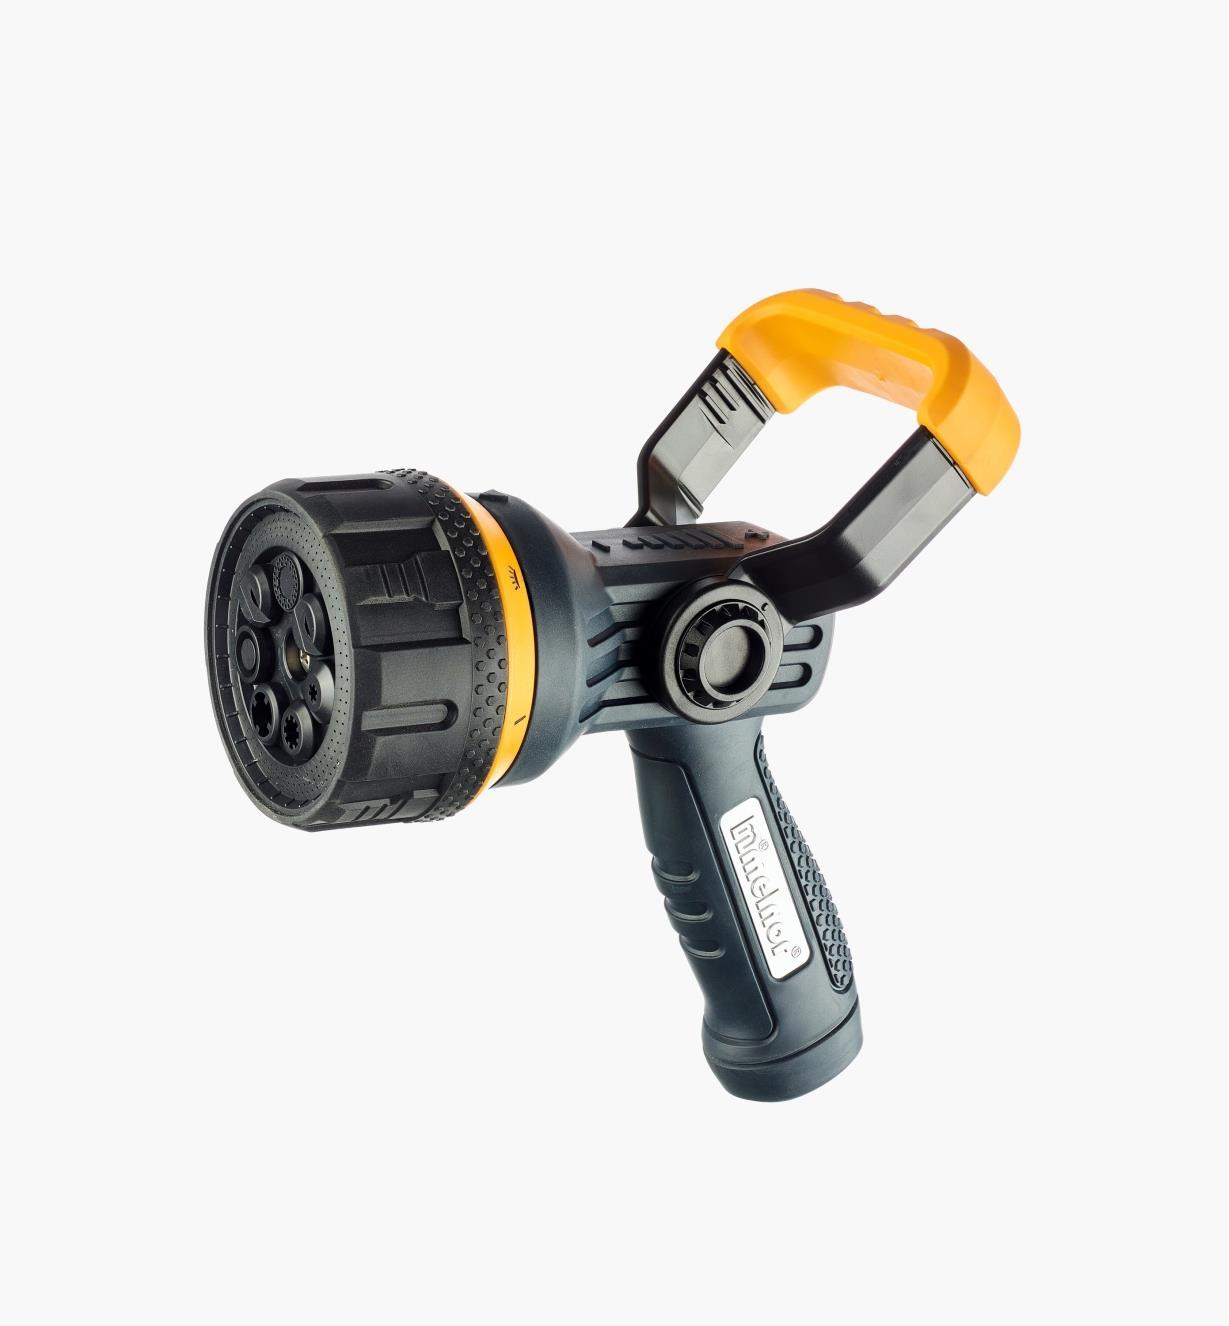 AL836 - Melnor Fire Hose Nozzle